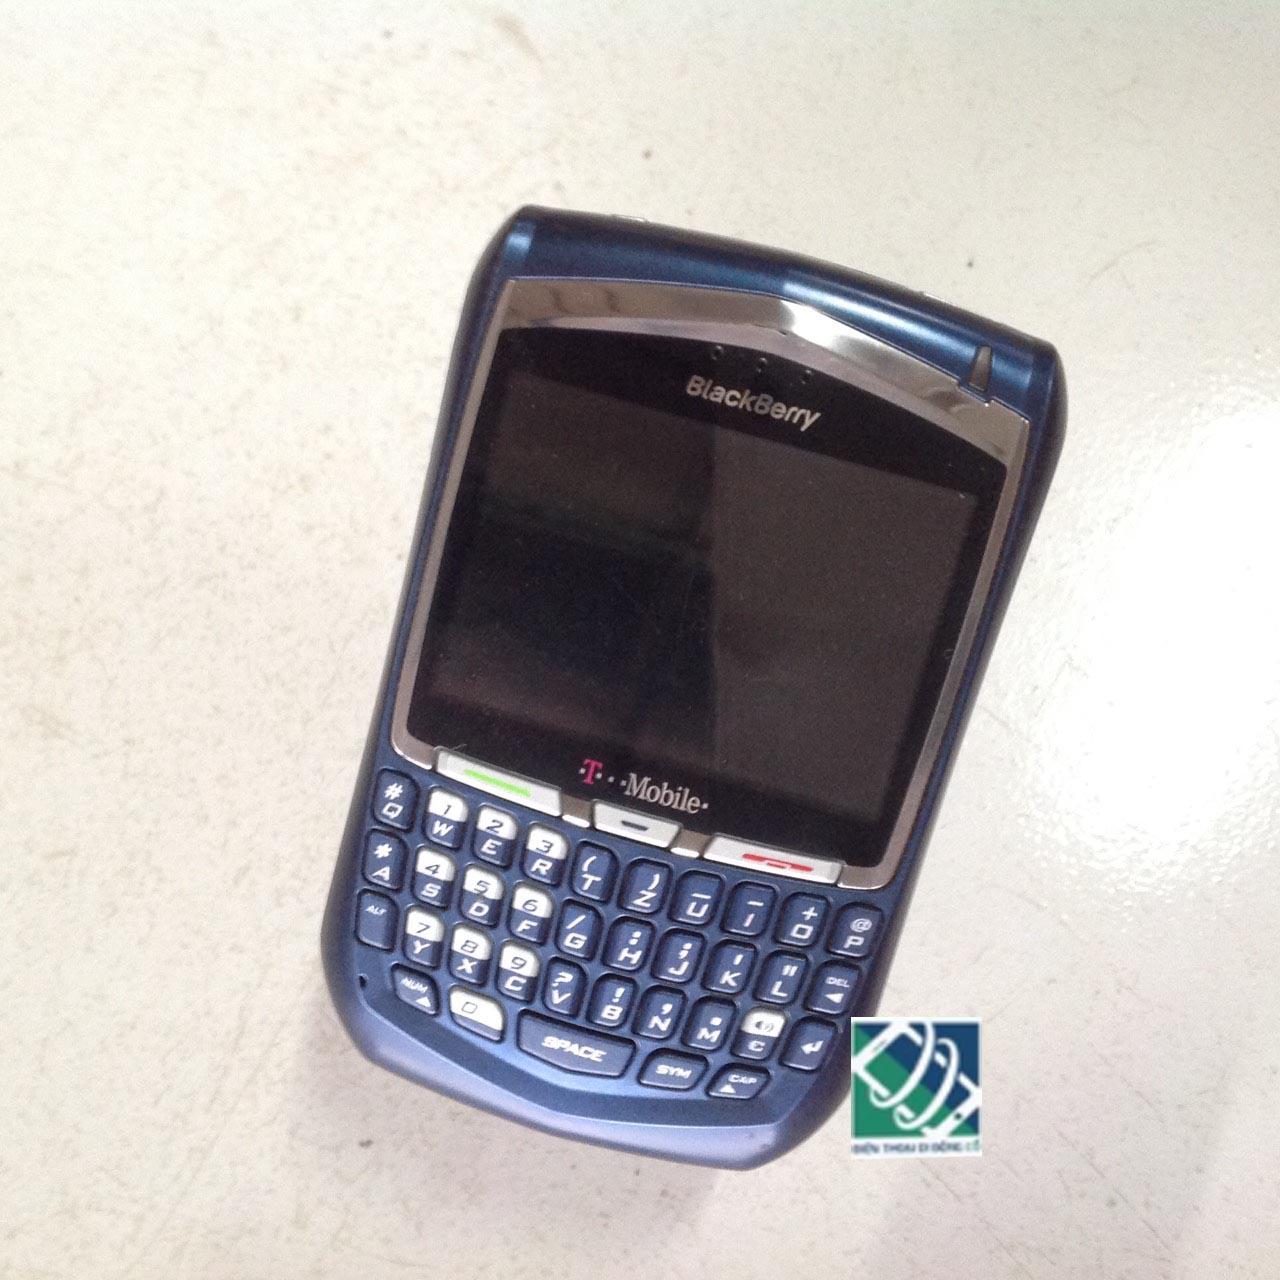 BlackBerry 8700g Black